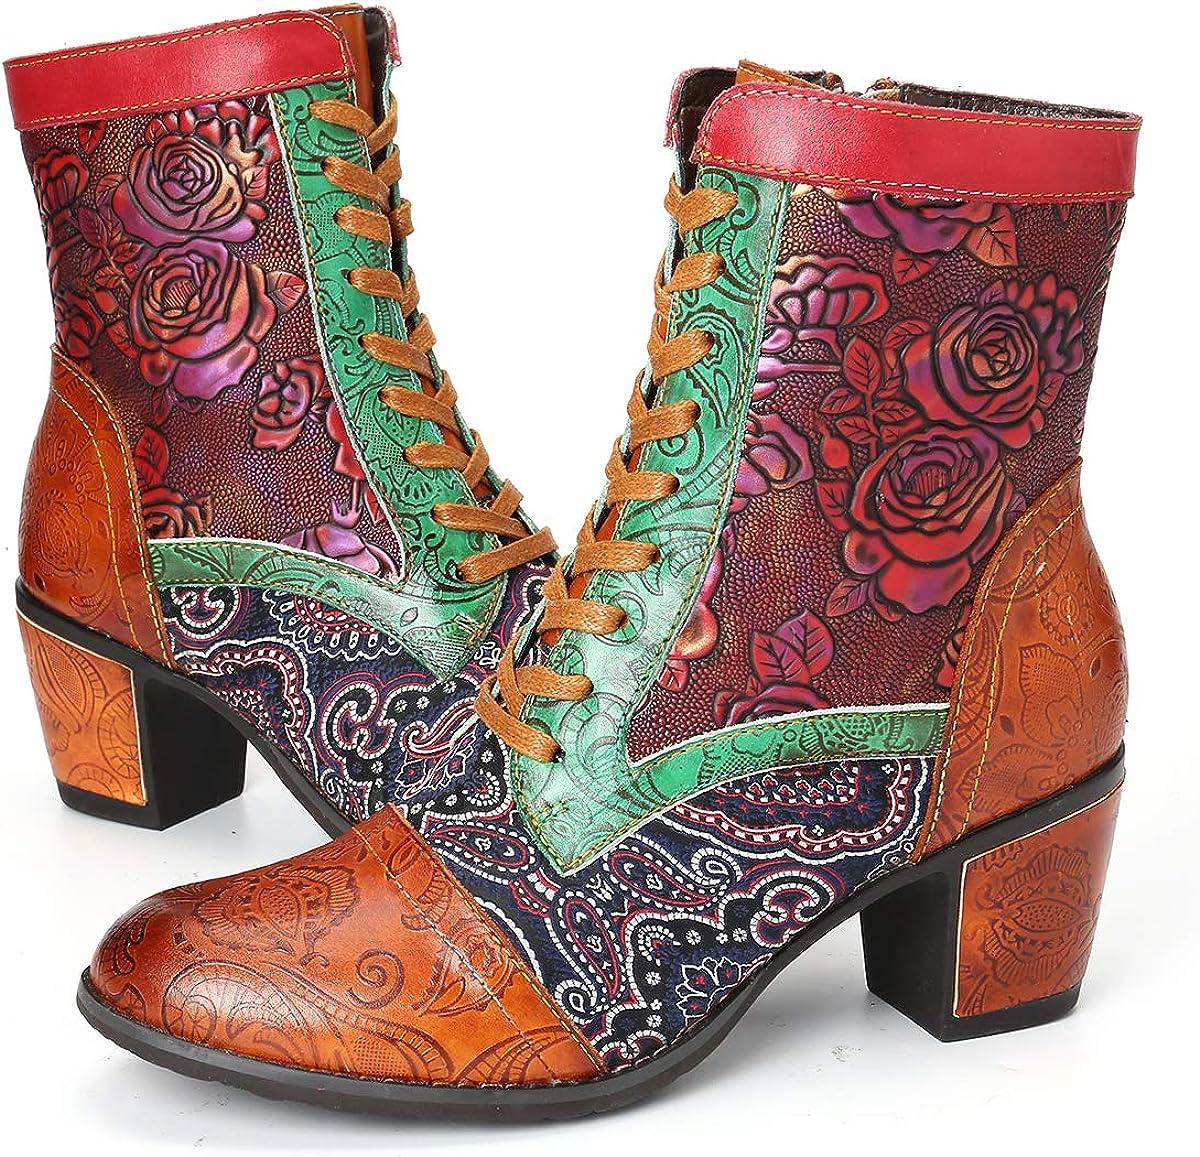 Autumn Ladies Women Round Toe Ankle Boots Vintage Zipper Low Heels Shoes Size